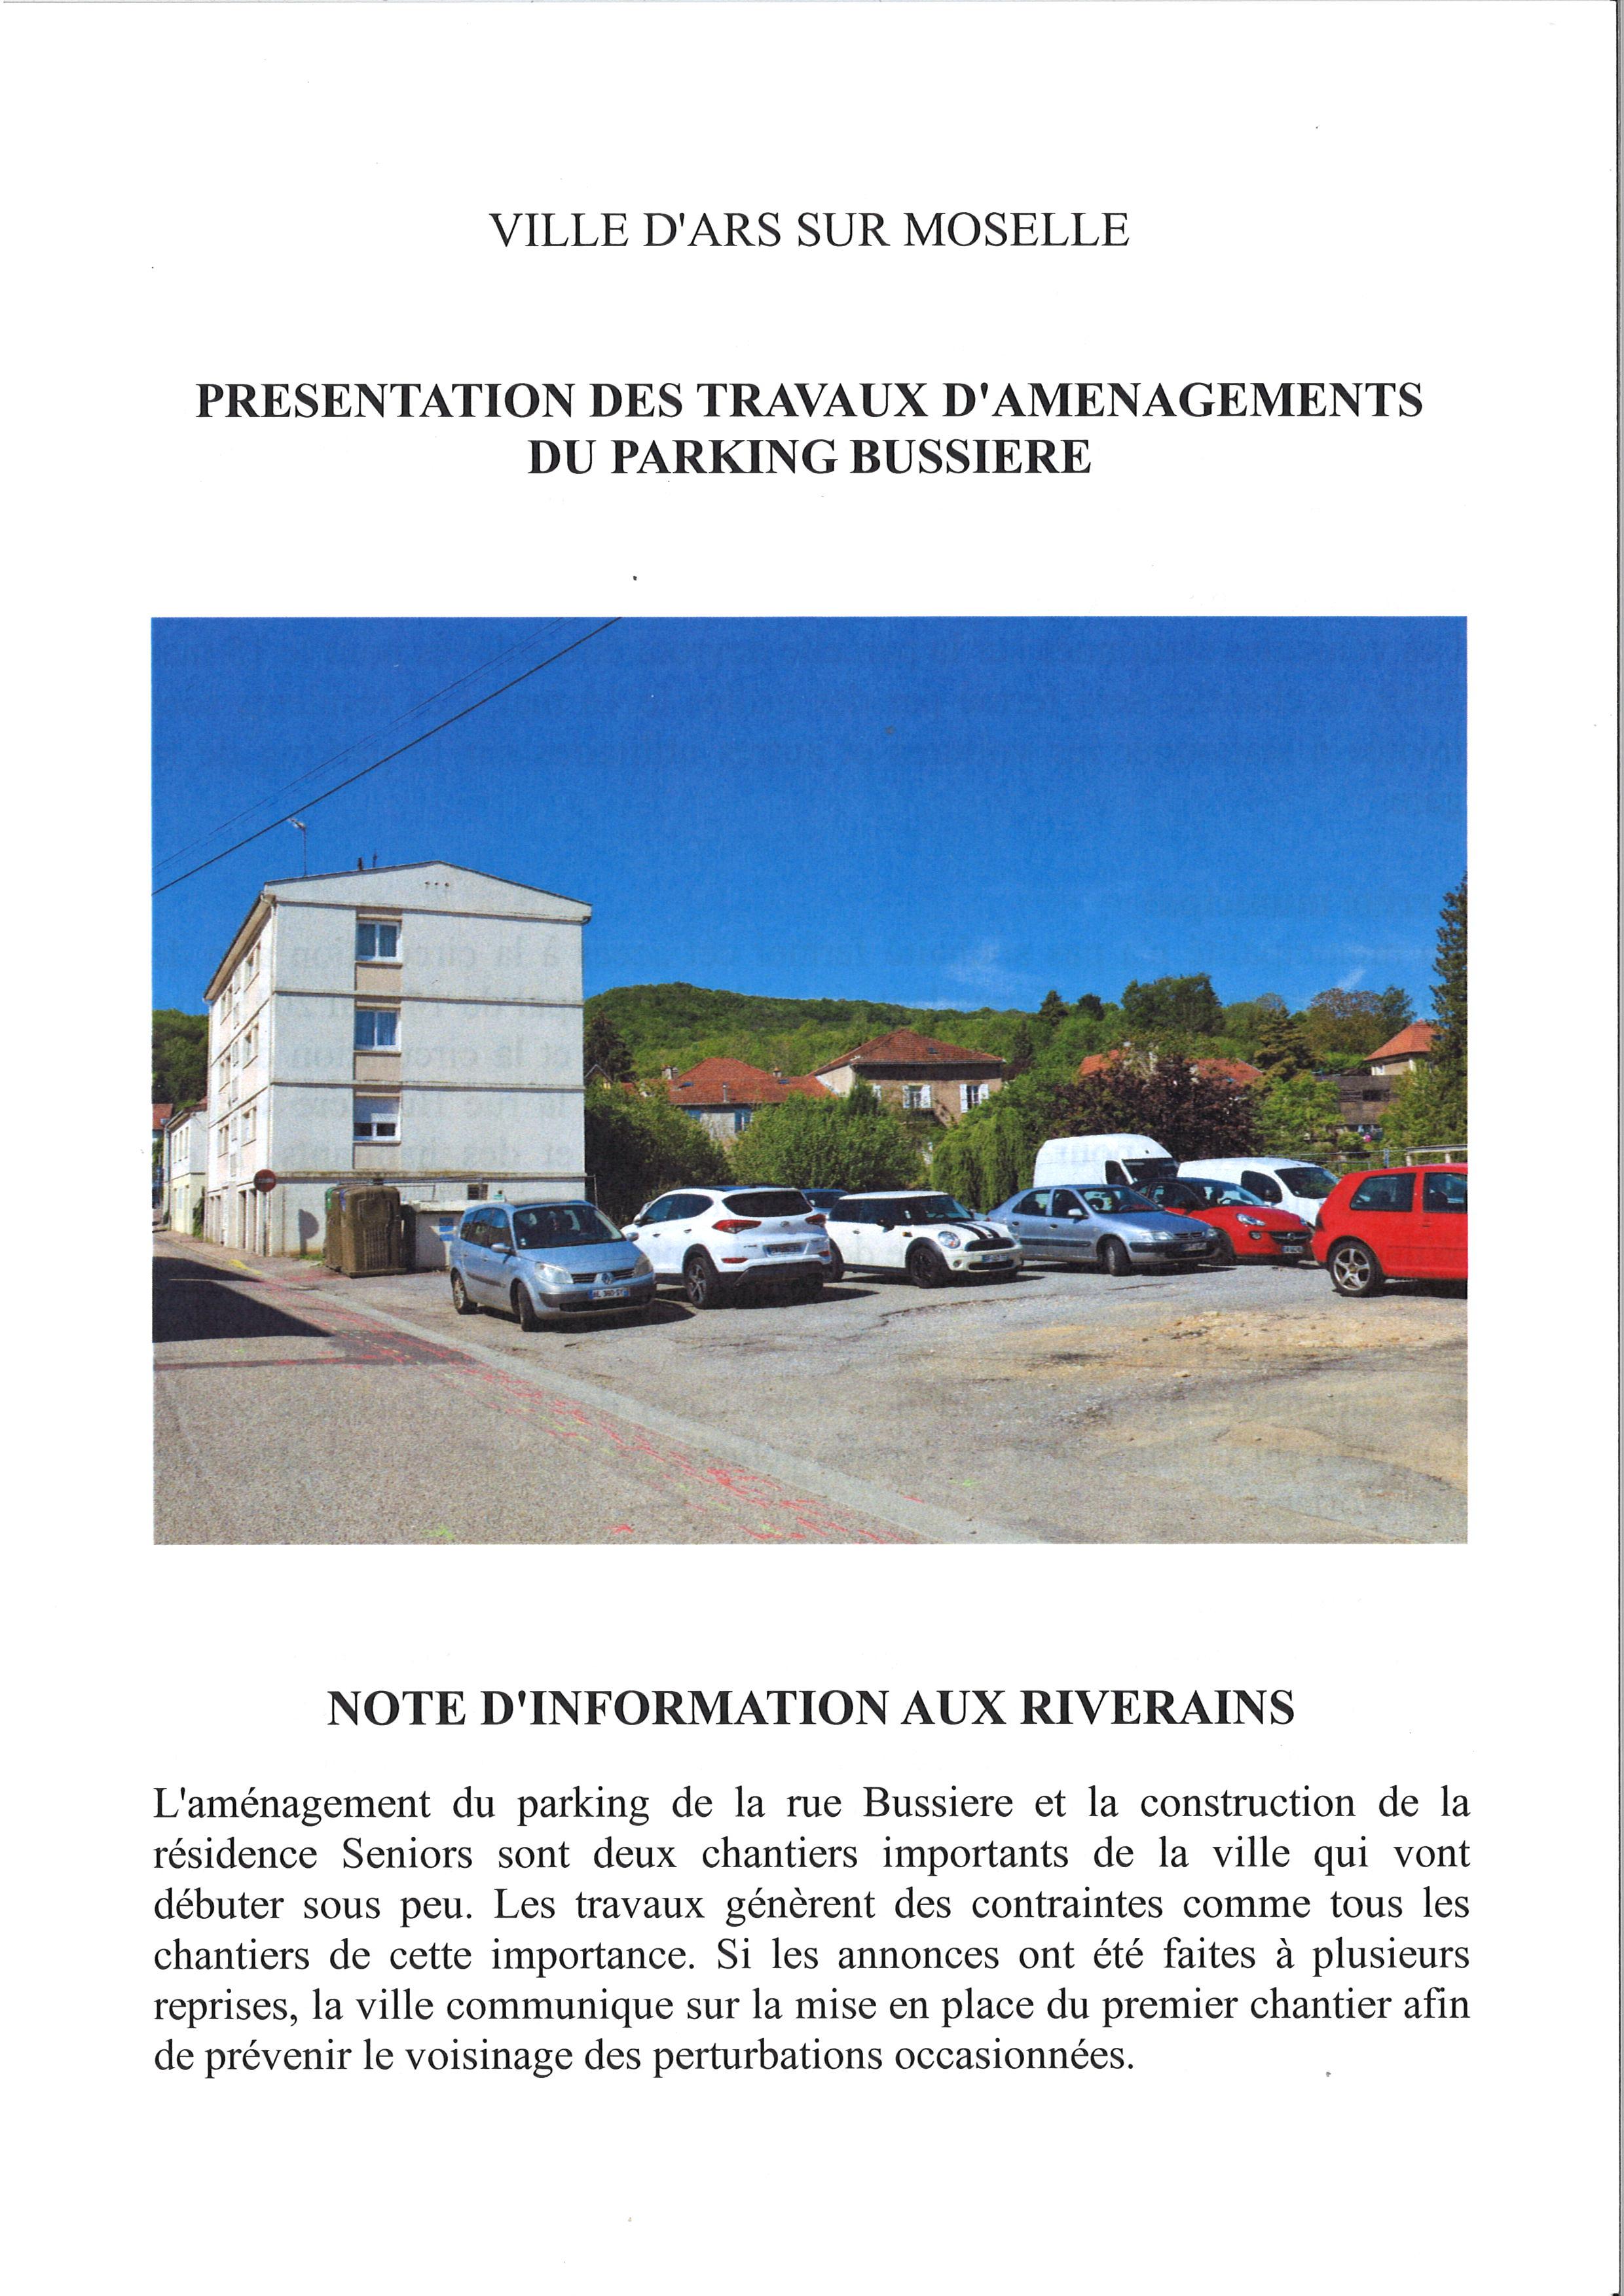 TRAVAUX PARKING BUSSIERE stationnement interdit à partir du 16 mai